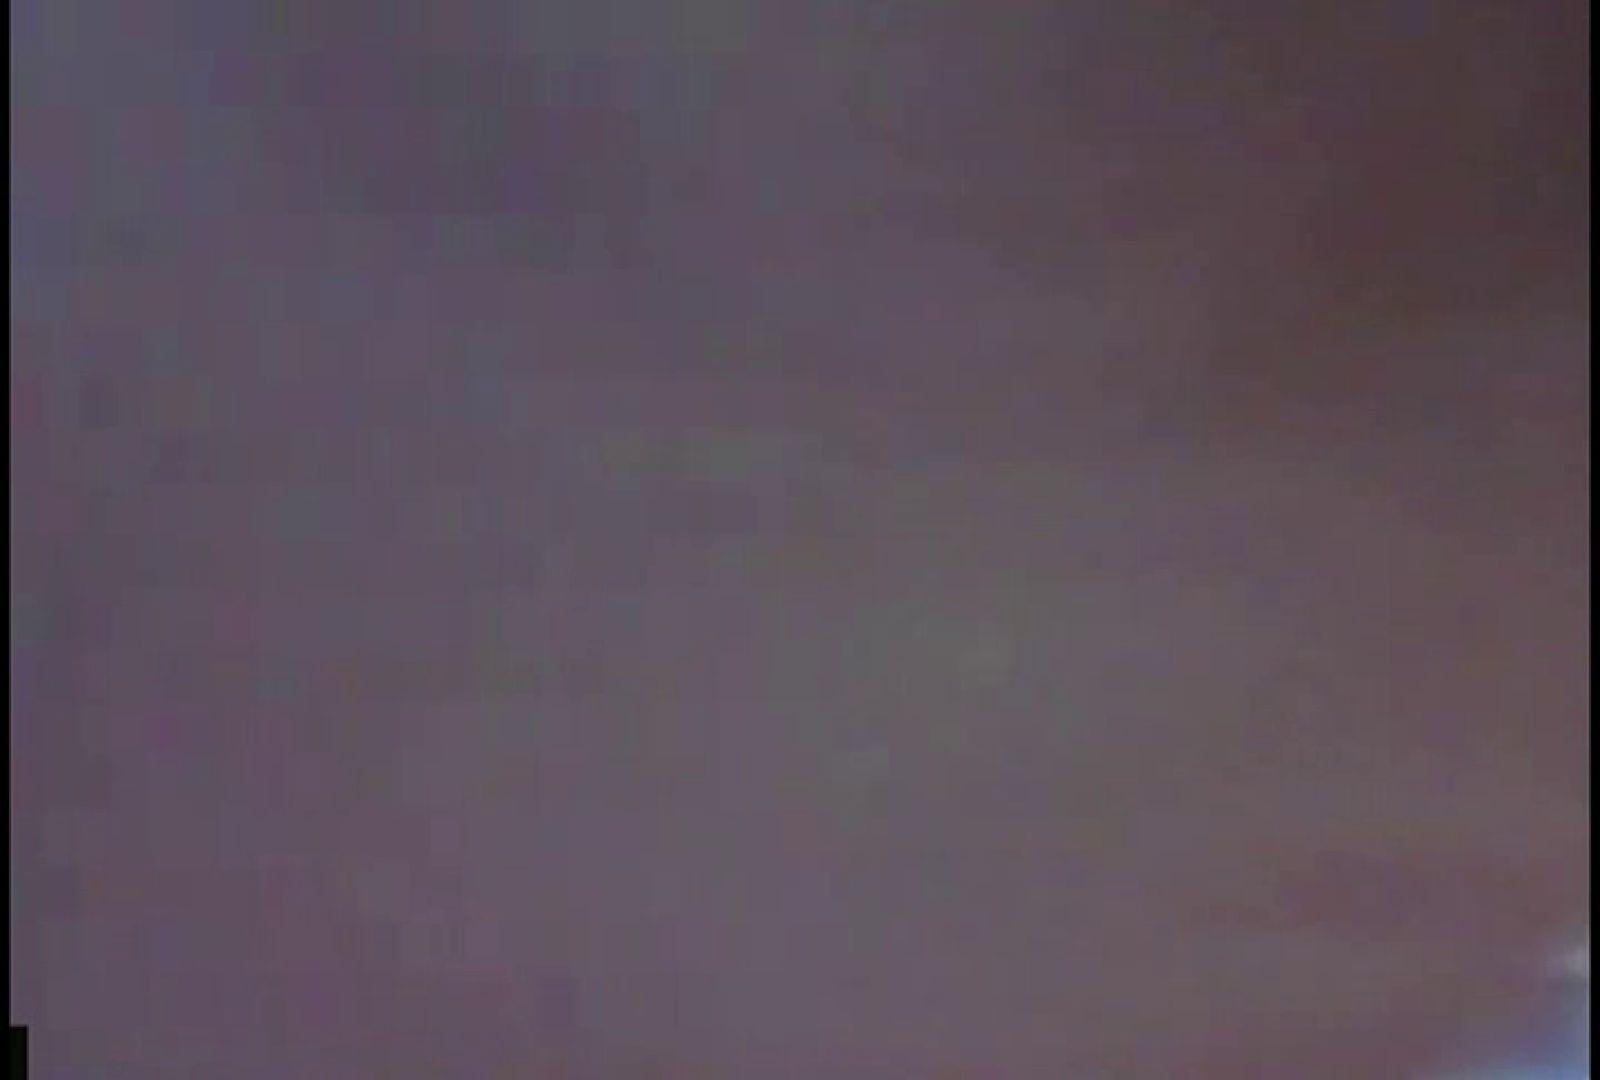 電魔王さんの「盗撮の部屋」No.1 りかこVol.1 盗撮  85画像 62